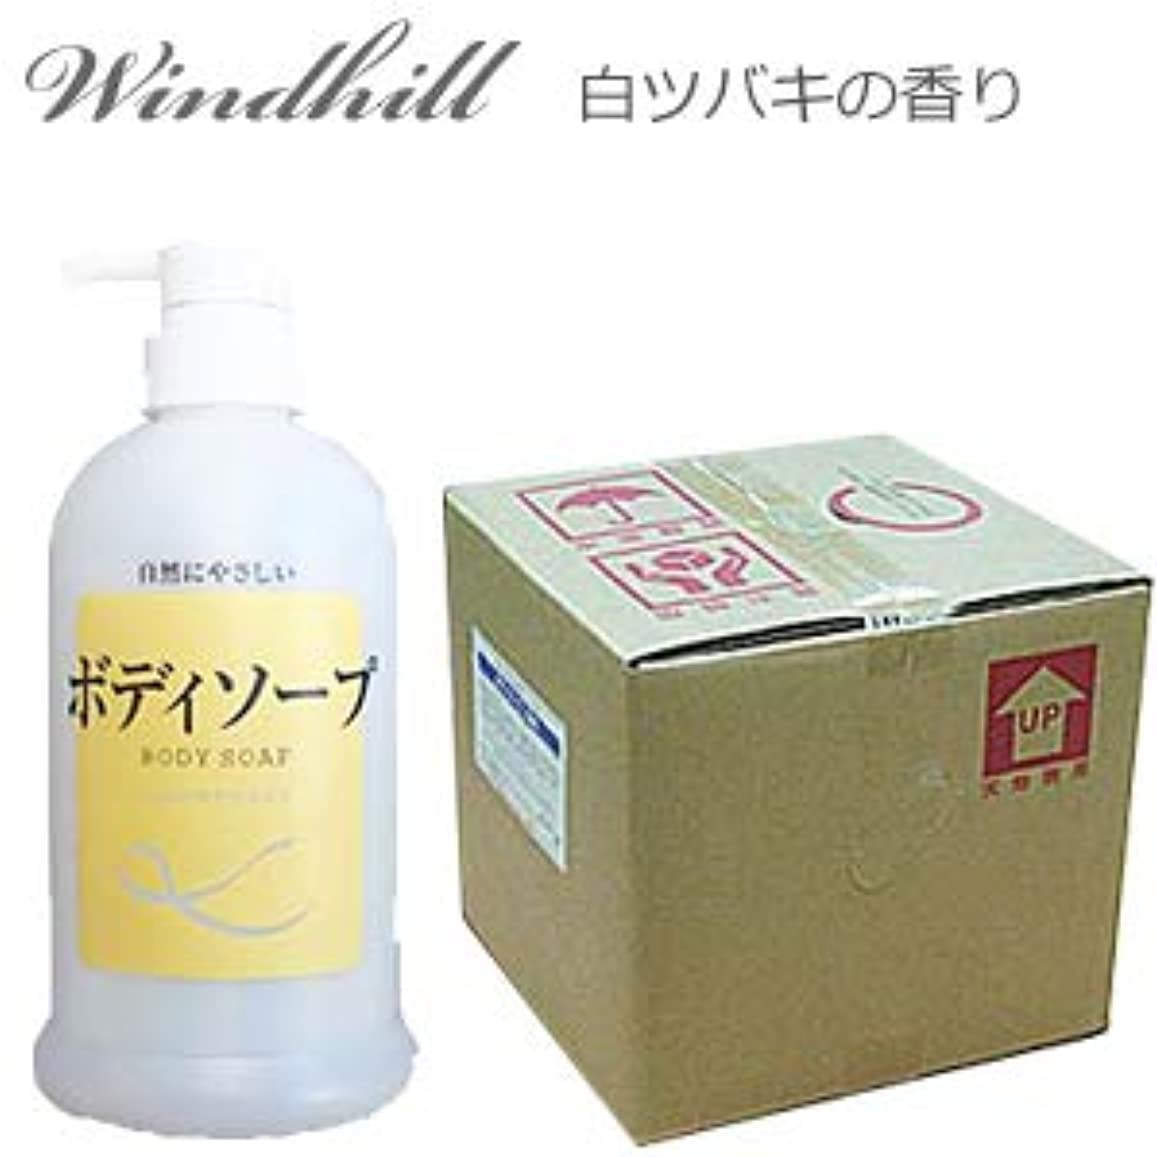 重さ真鍮交渉するなんと! 500ml当り175円 Windhill 植物性 業務用 ボディソープ  白ツバキの香り 20L